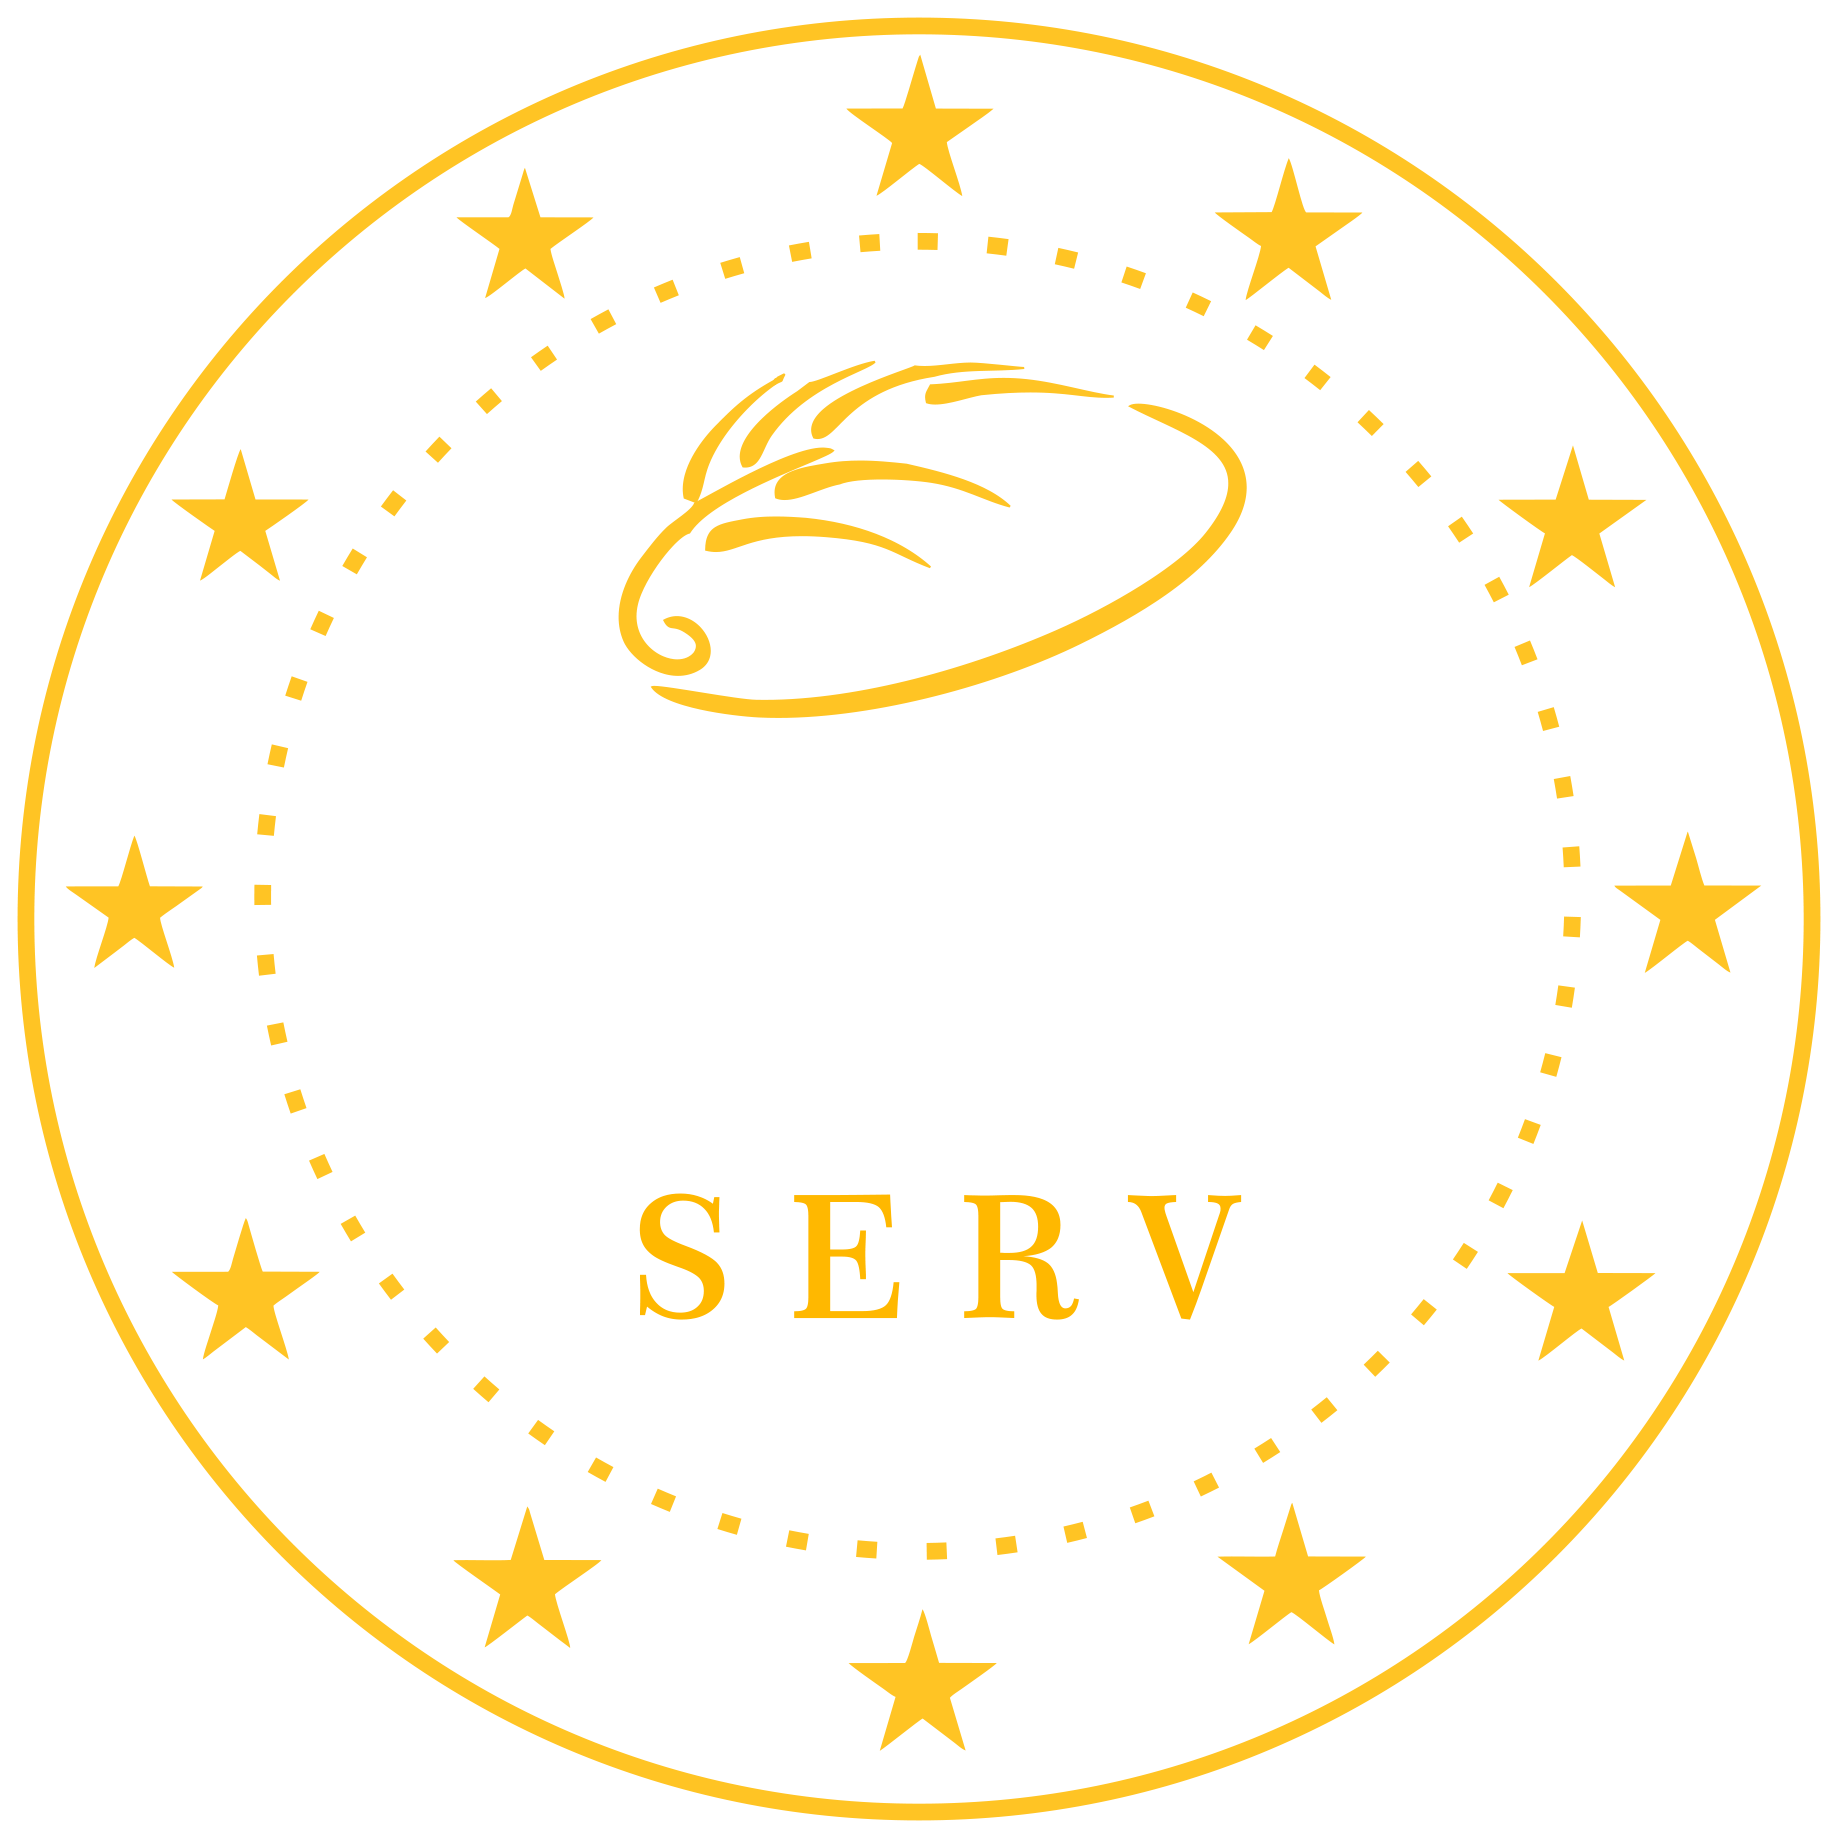 Top 59